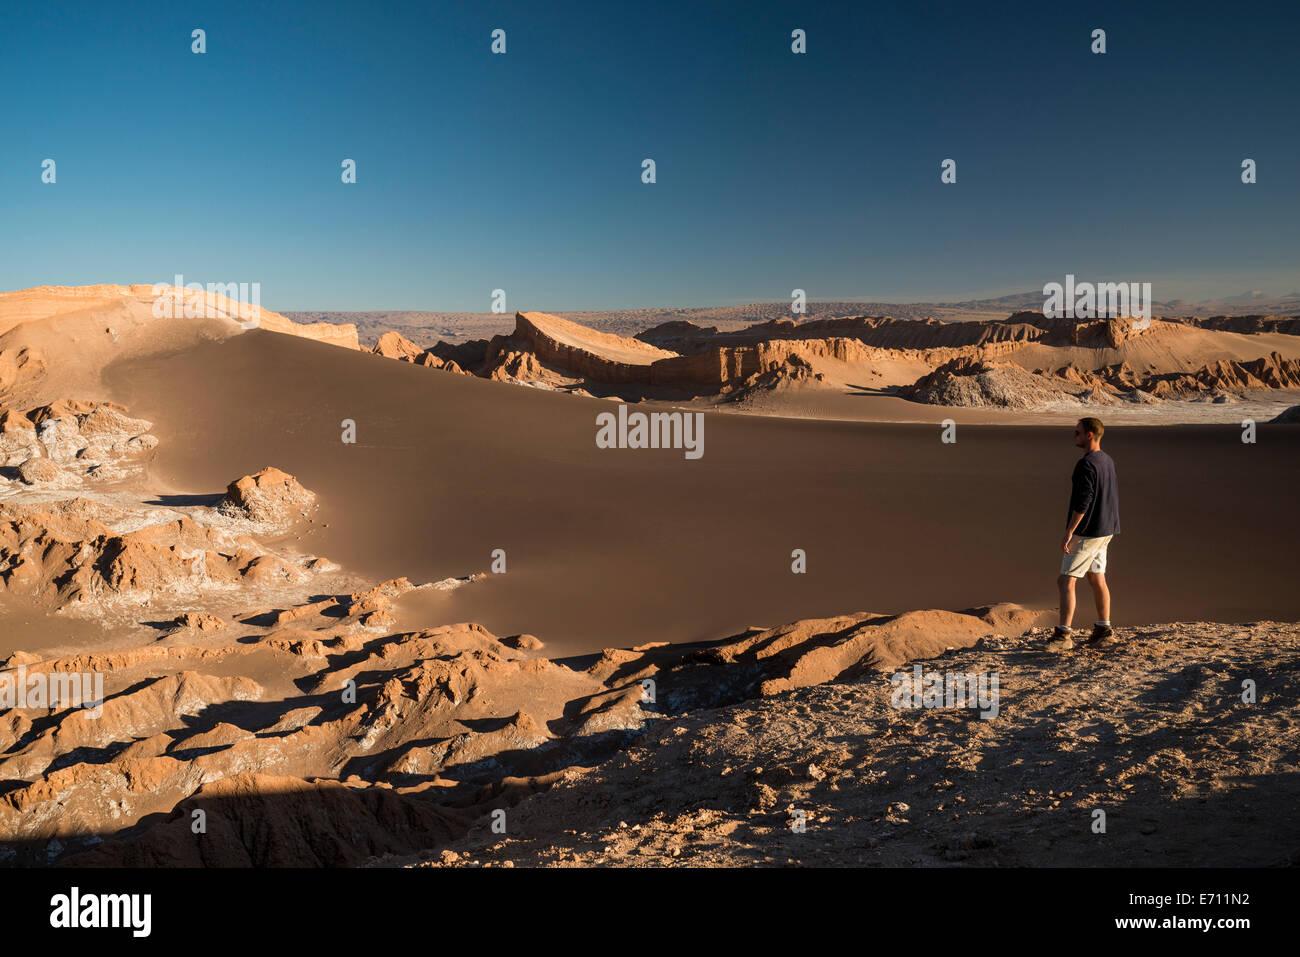 Man enjoying view, Sand Dune Duna (Maire), Valle de la Luna (vallée de la lune), Désert d'Atacama, Photo Stock